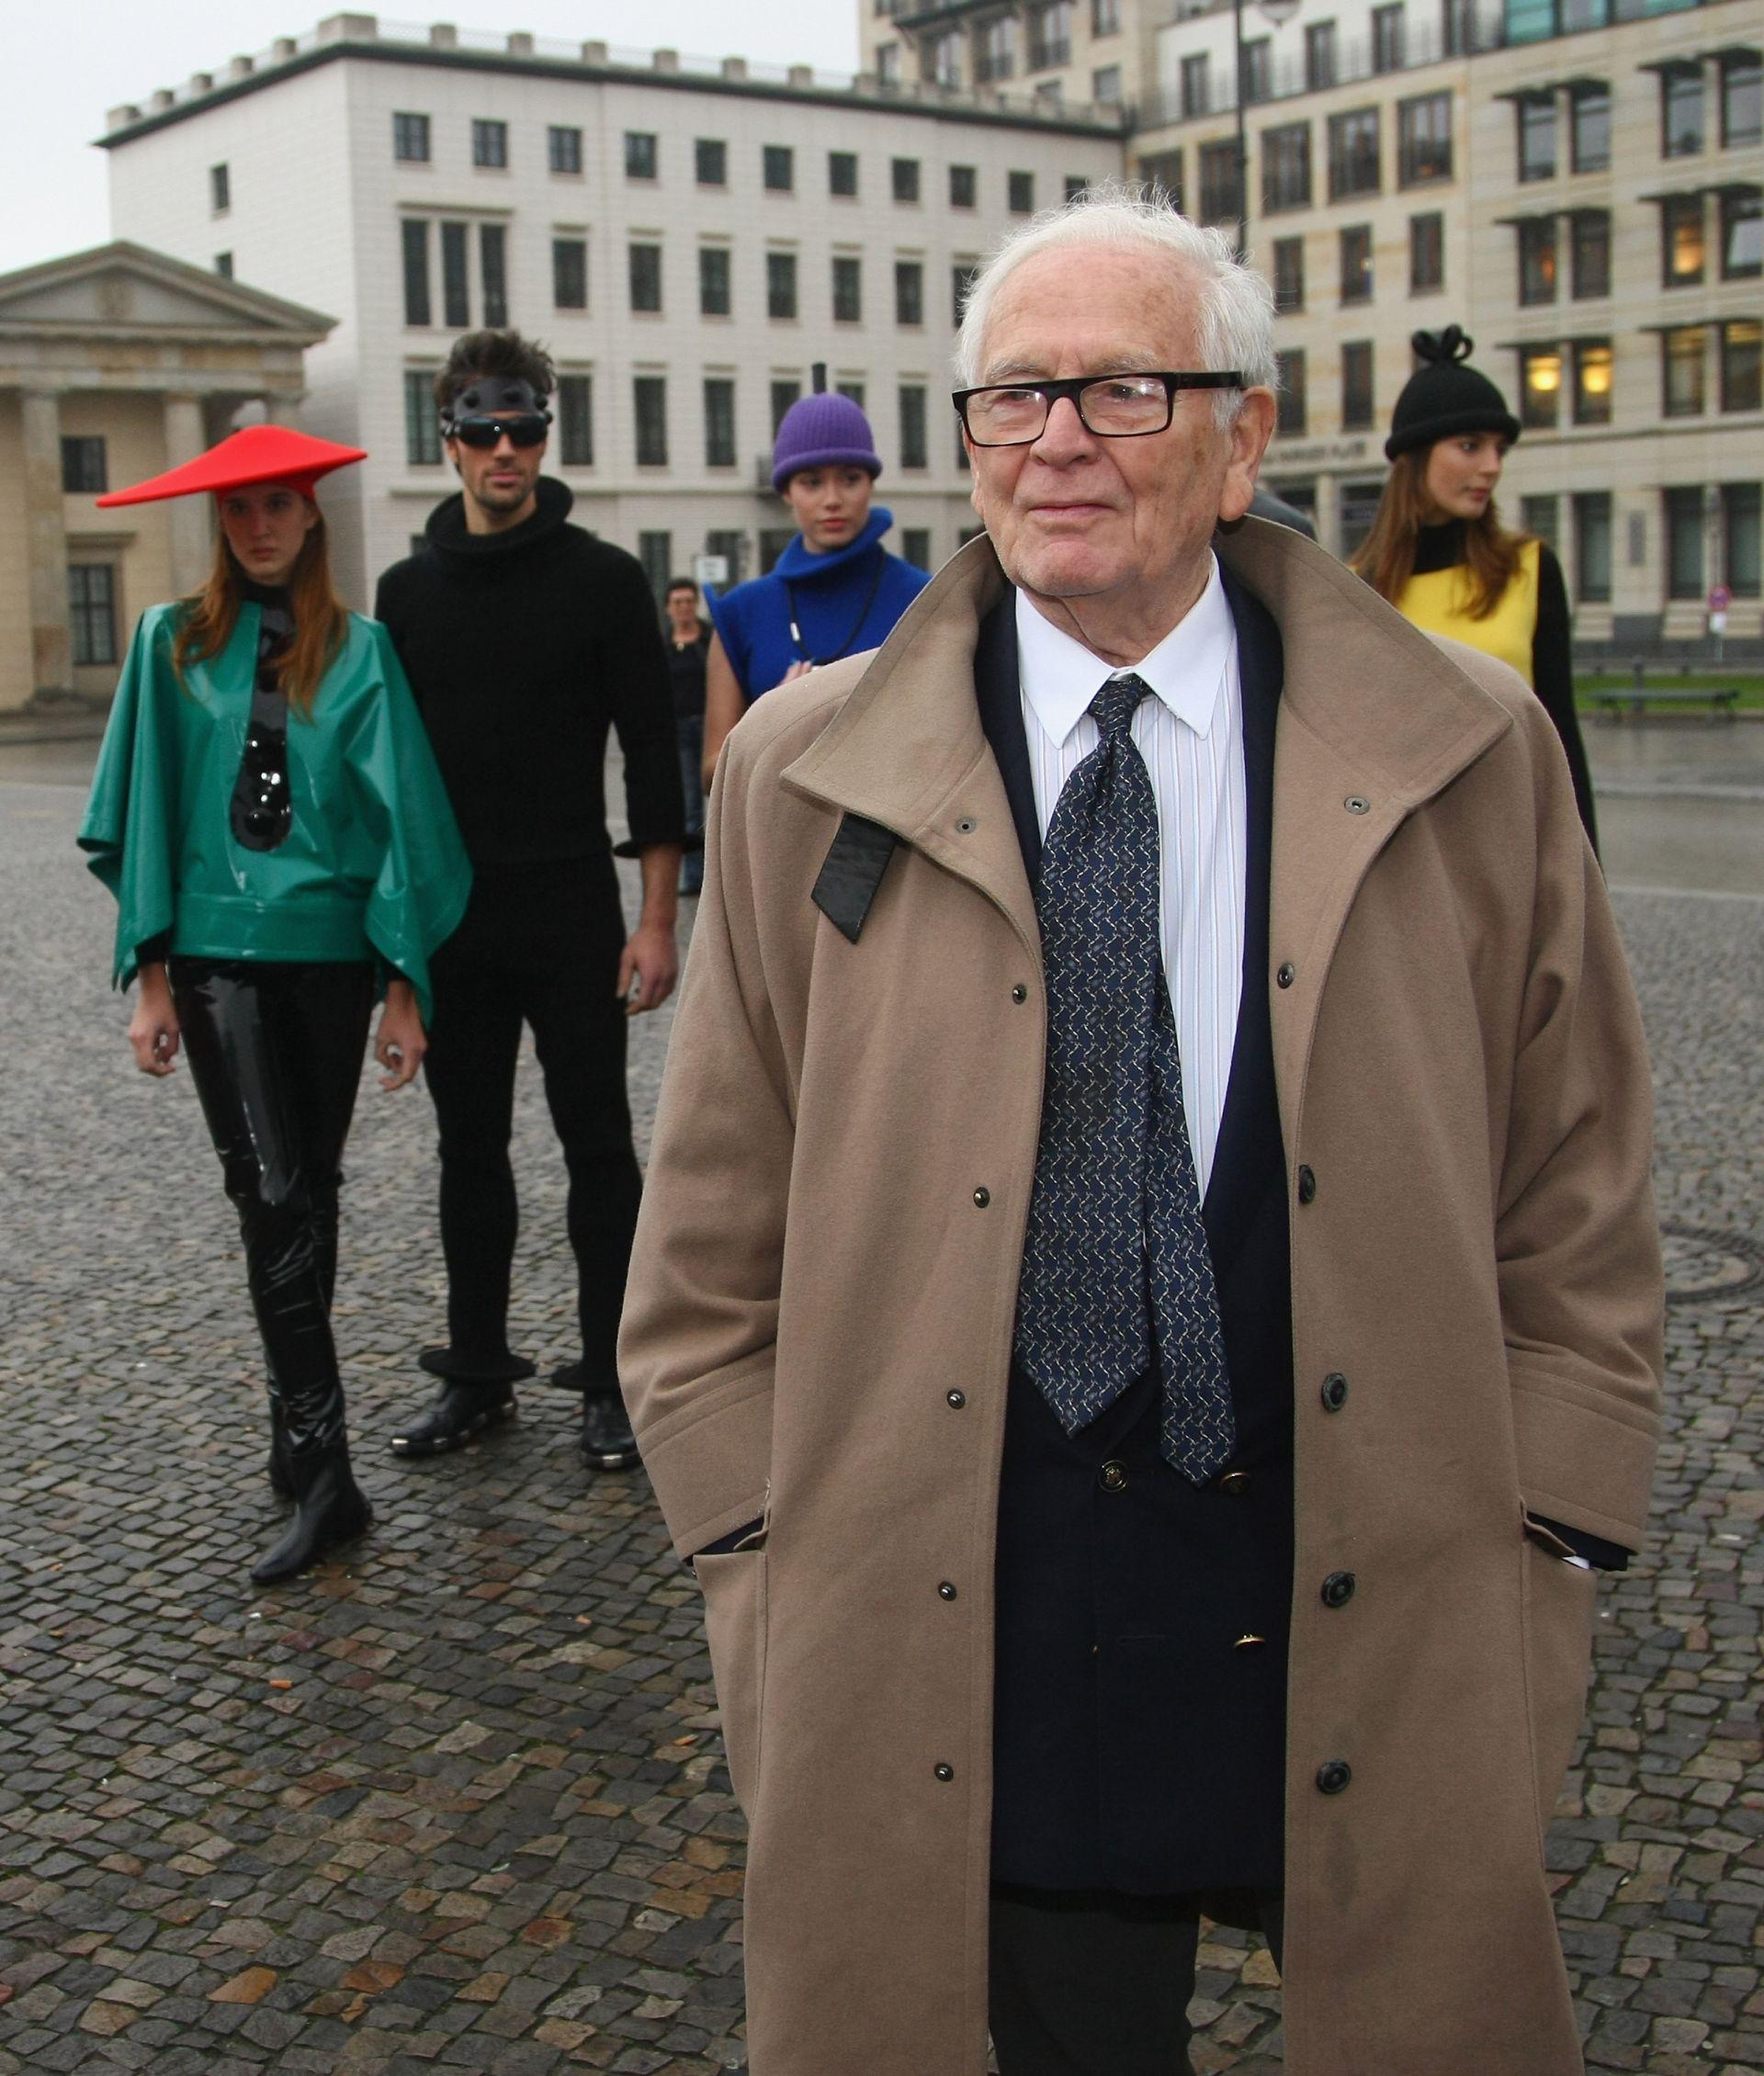 6 ноември 2008 г. - Пиер Карден заминава позира със свои модели пред Бранденбургската врата в Берлин